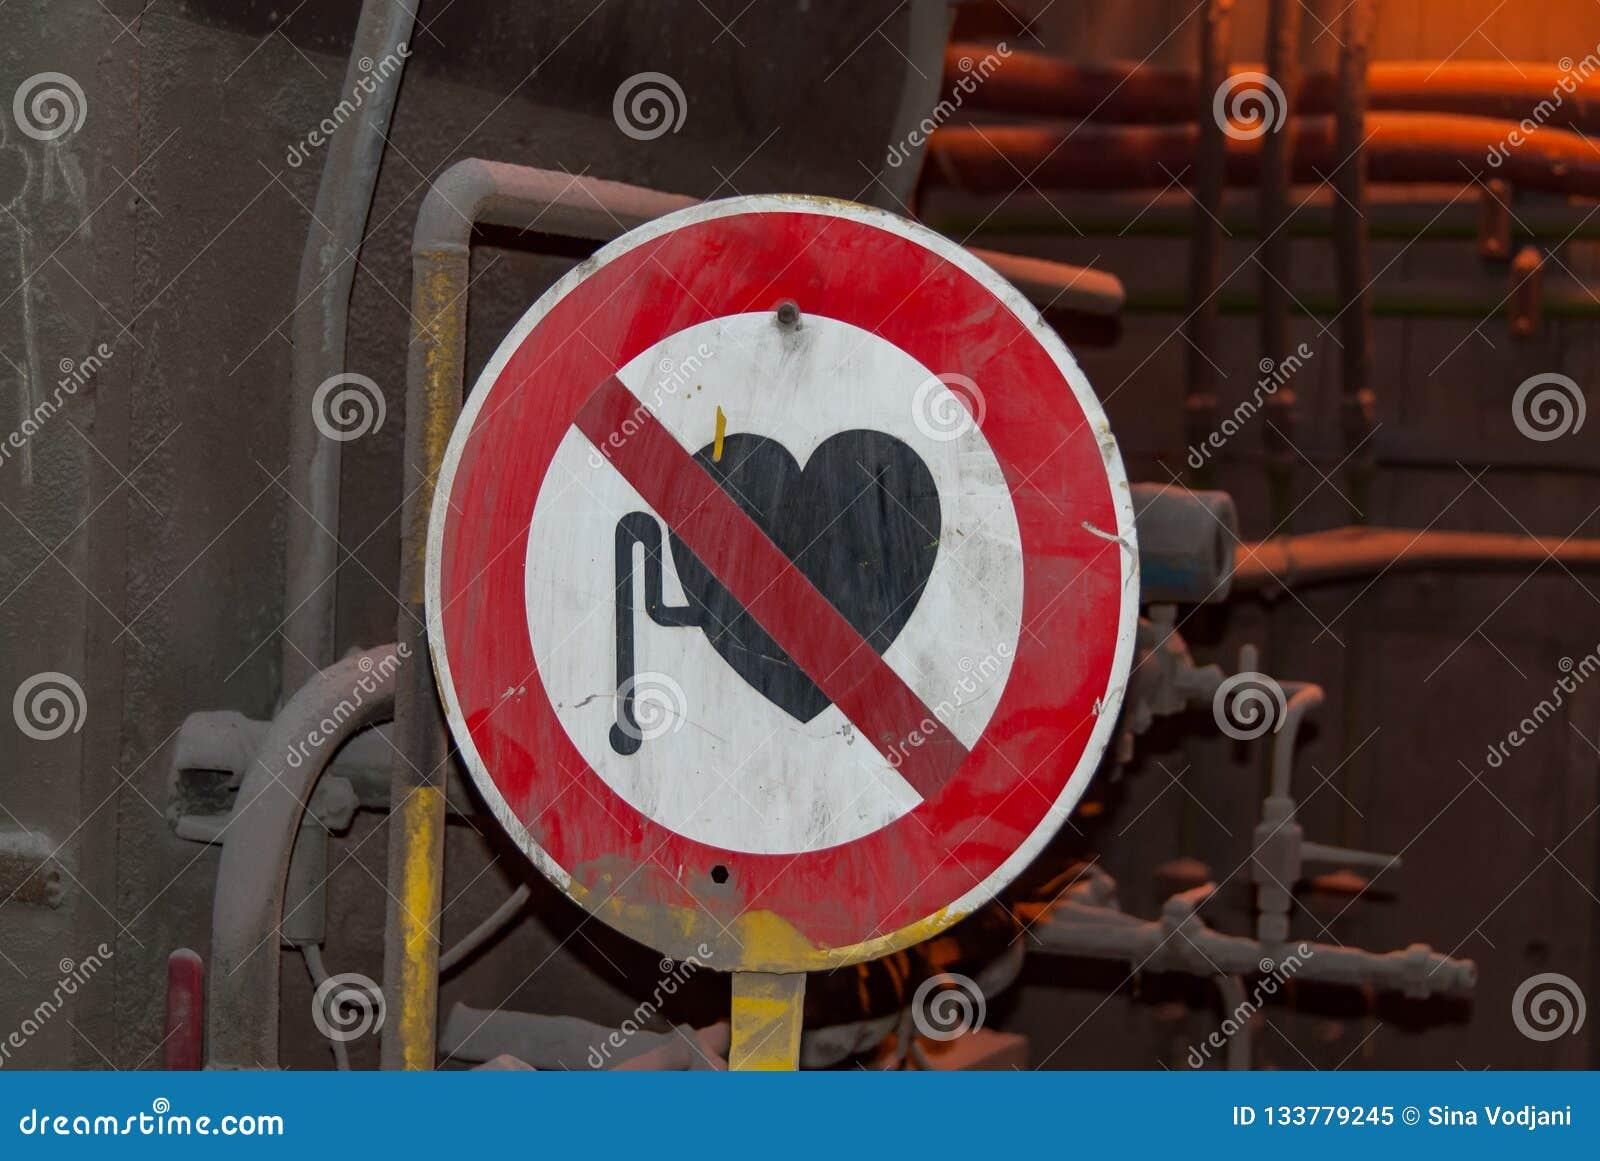 Vredesmaker verboden teken in gieterij